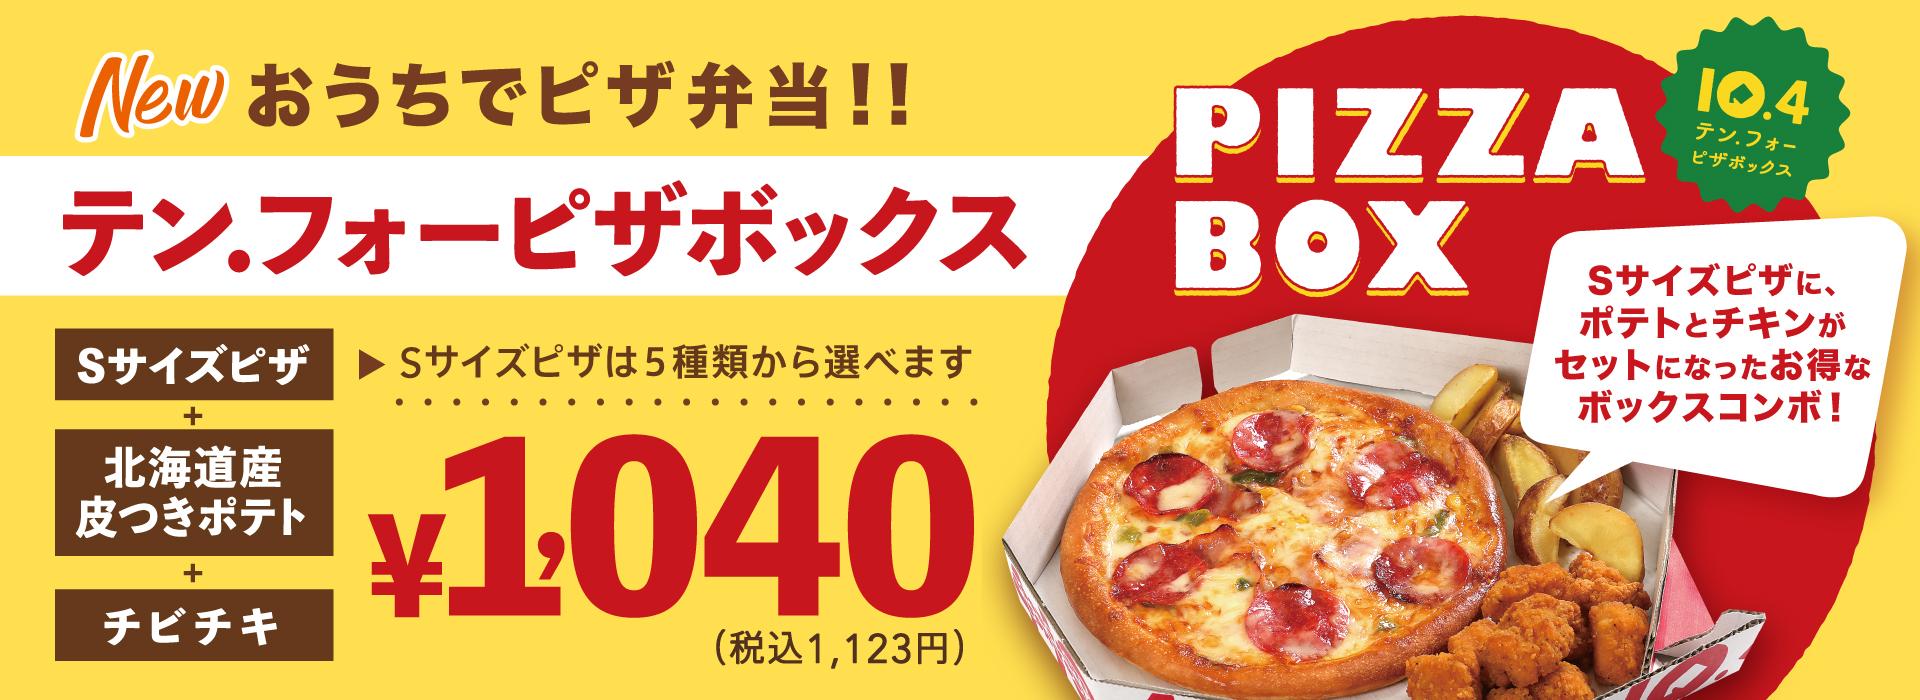 持ち帰り 半額 ピザ 104 持ち帰り全品半額!ドミノピザのウルトラチーズ1kg!の正直レビュー